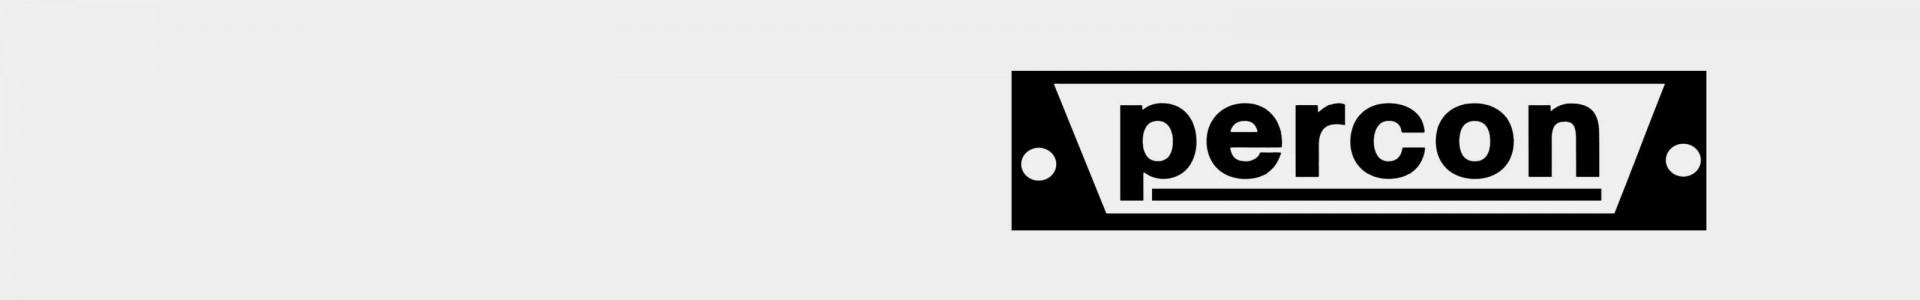 Conectores Percon para sus cables de vídeo - Avacab Audiovisuales